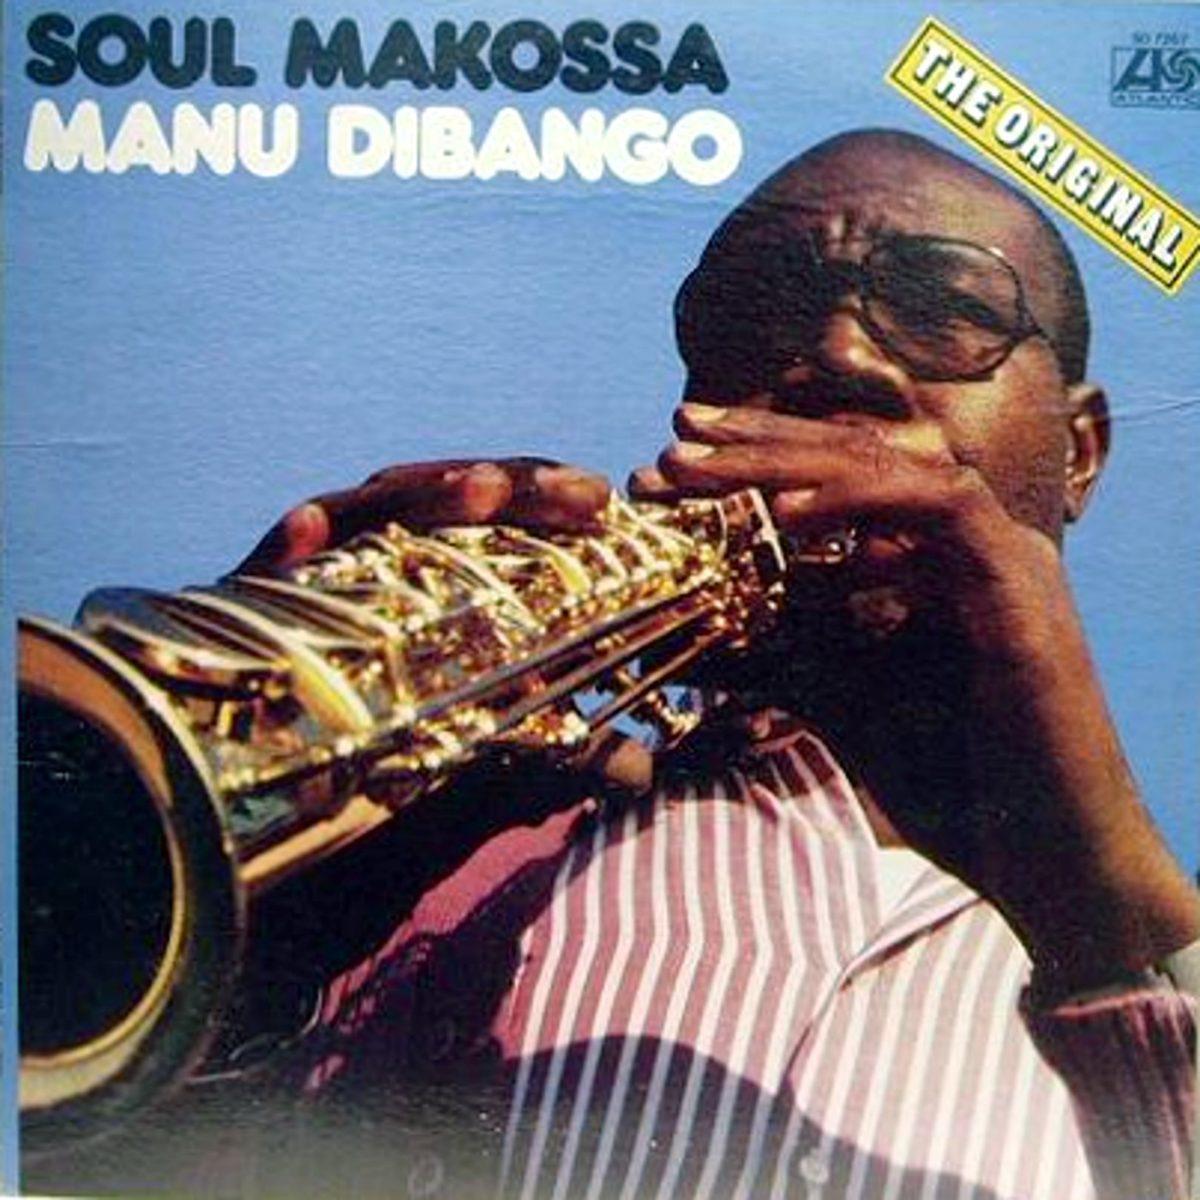 Manu Dibango - Soul Makossa (original cover)